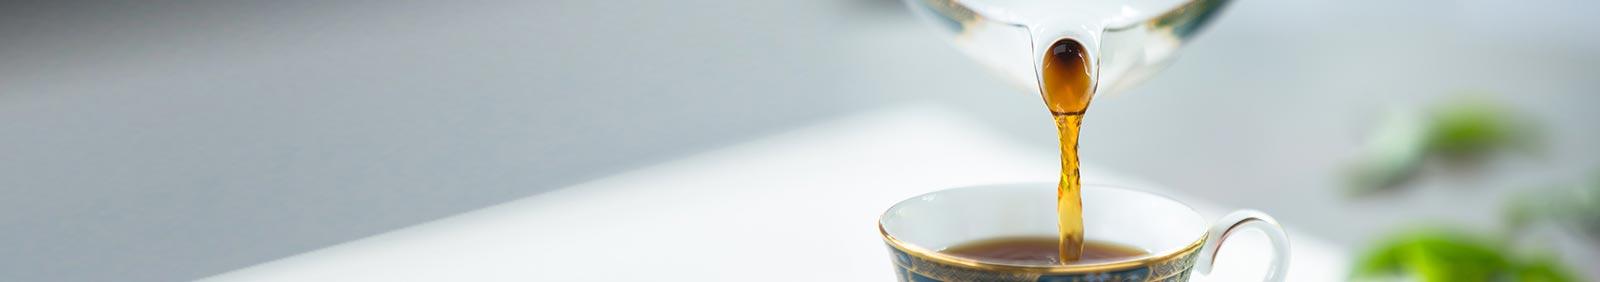 فروش تضمینی چای غنچه اصیل